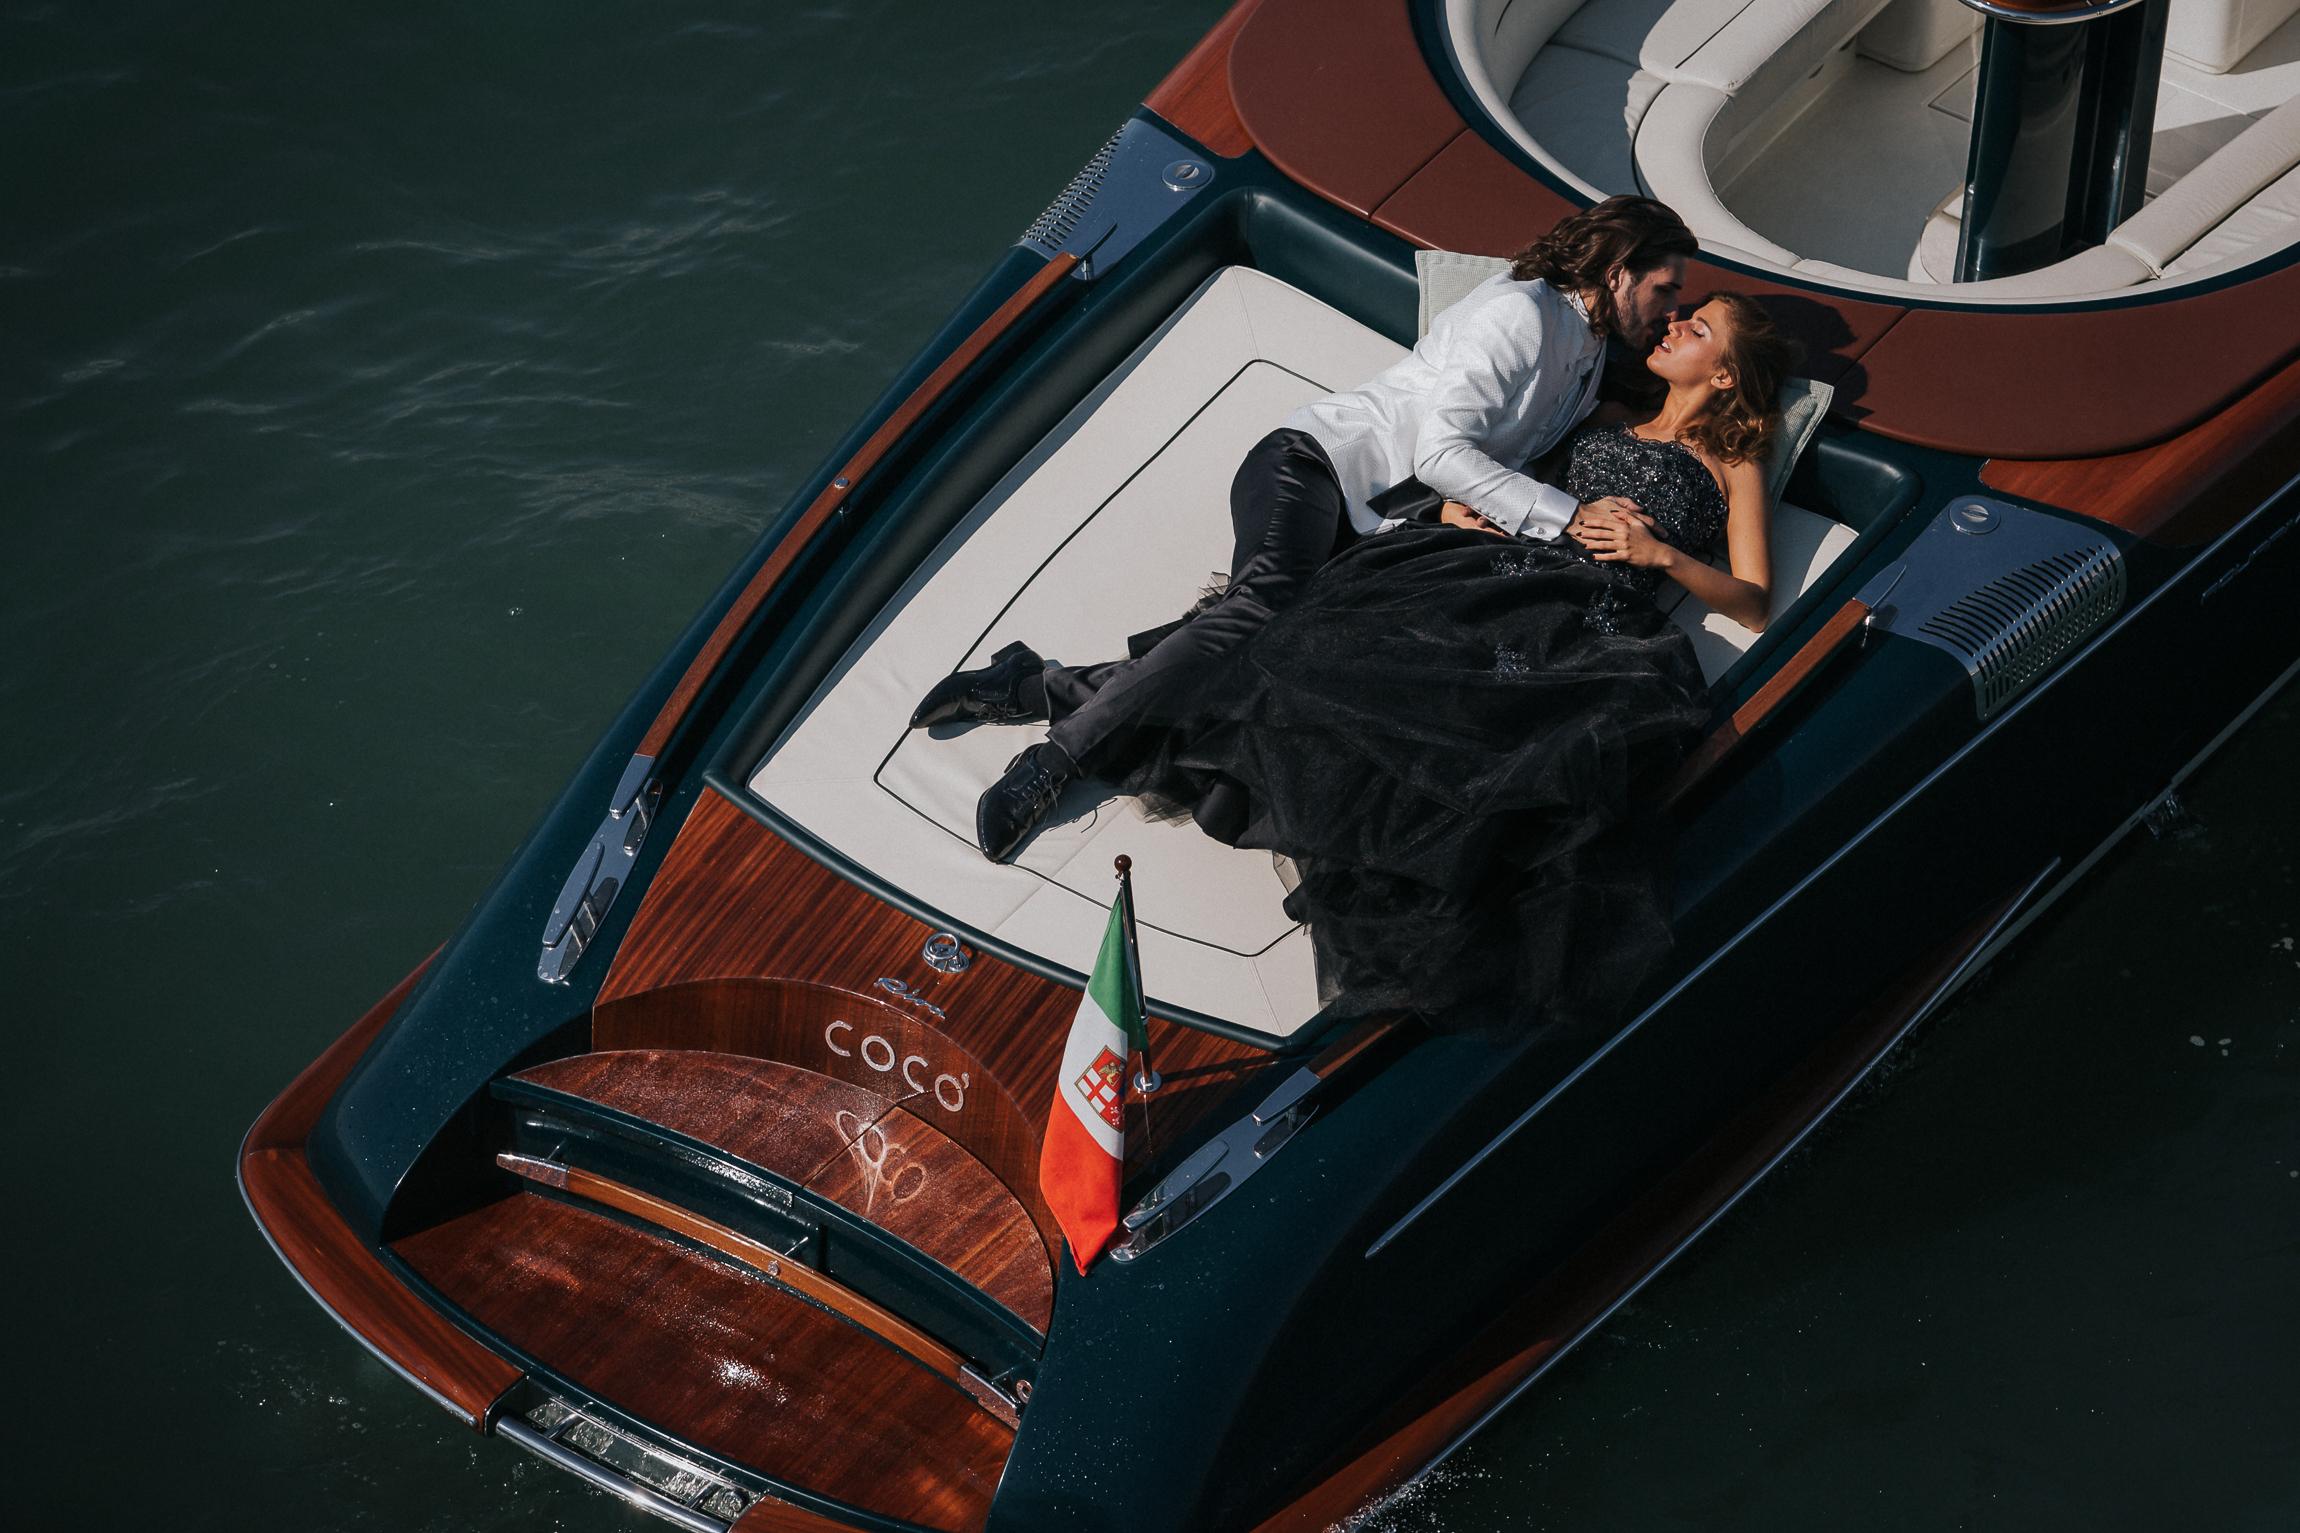 Servizio di coppia a Venezia. Serena & David. Il Blog di Michelino Studio, Fotografo di matrimonio in Veneto. Serena-David-21.jpg